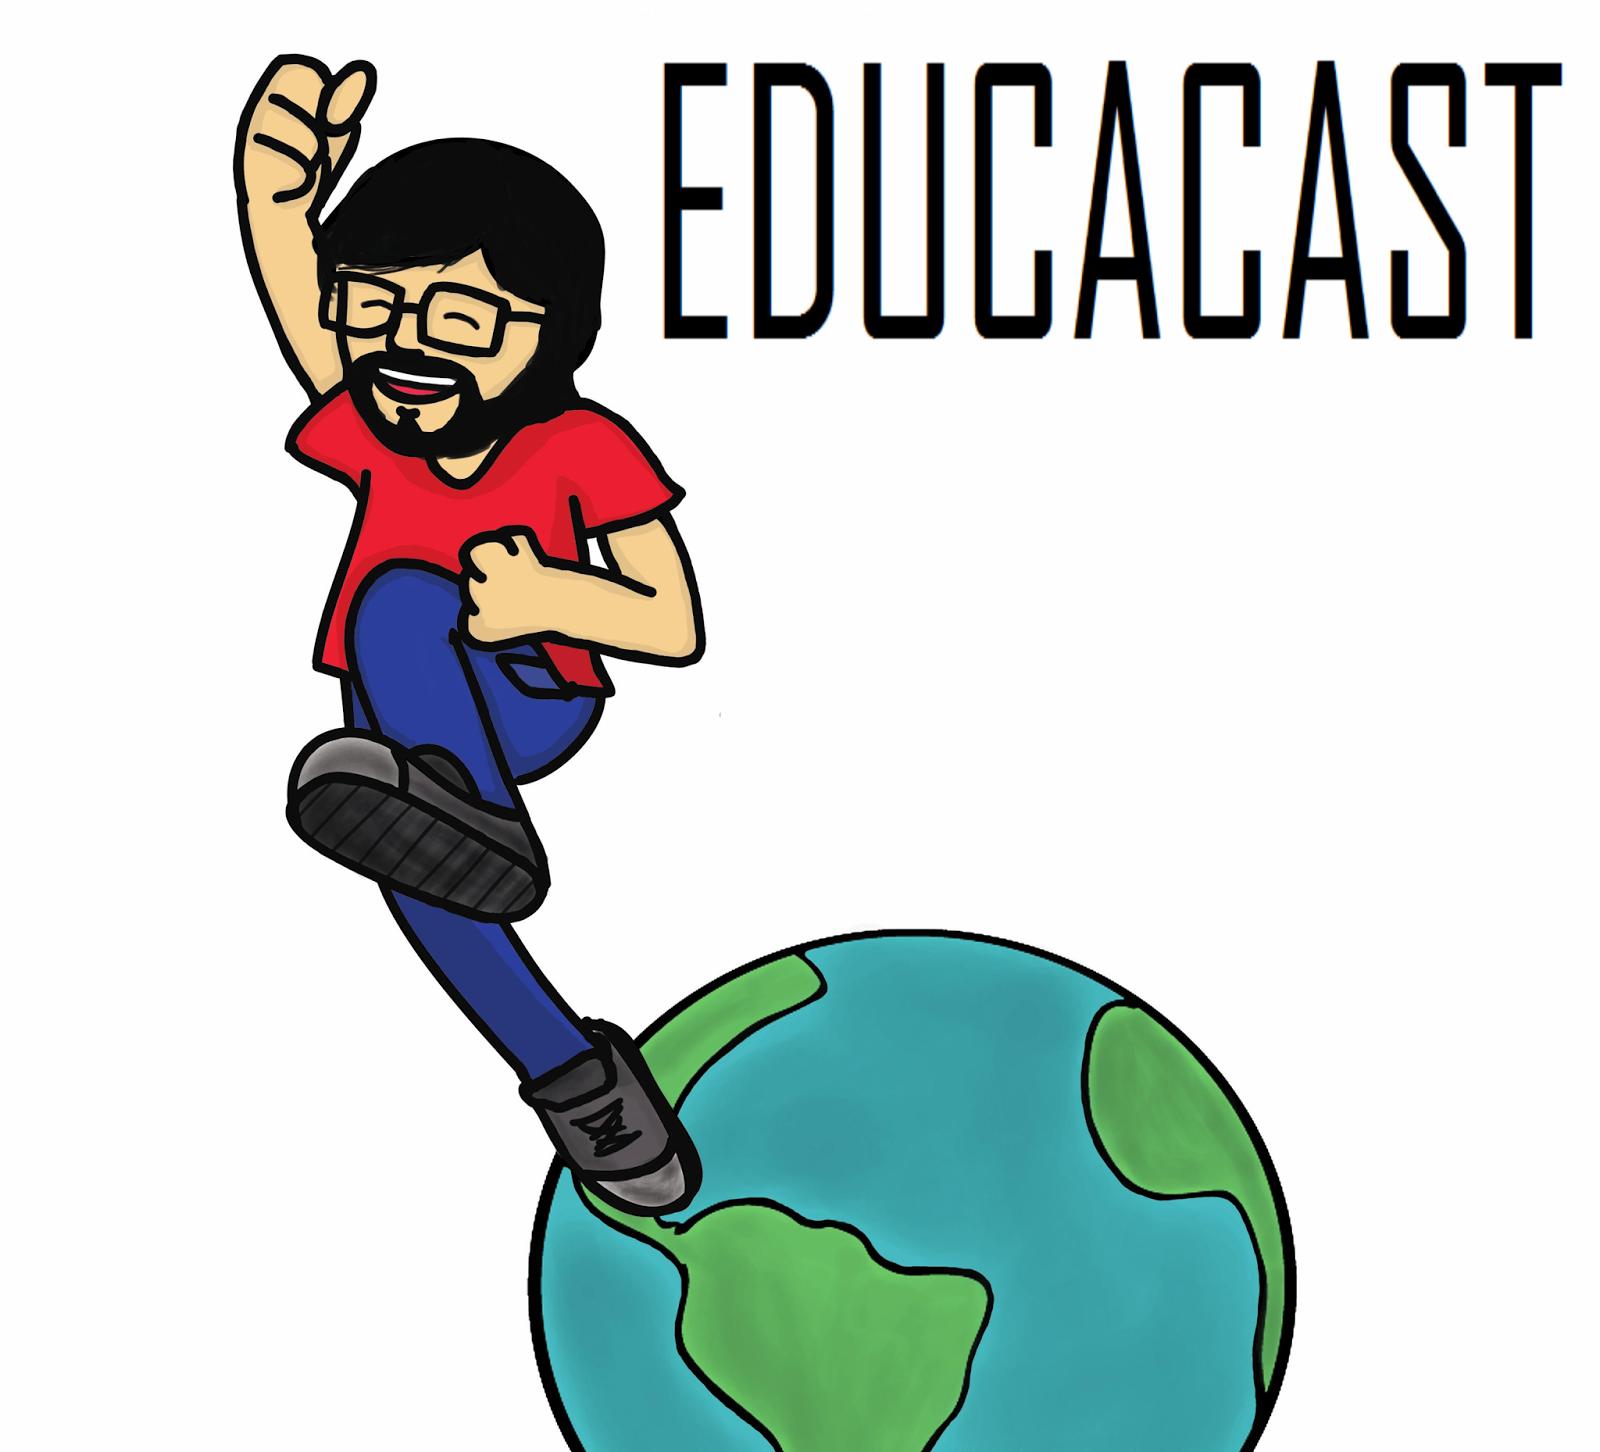 Educacast